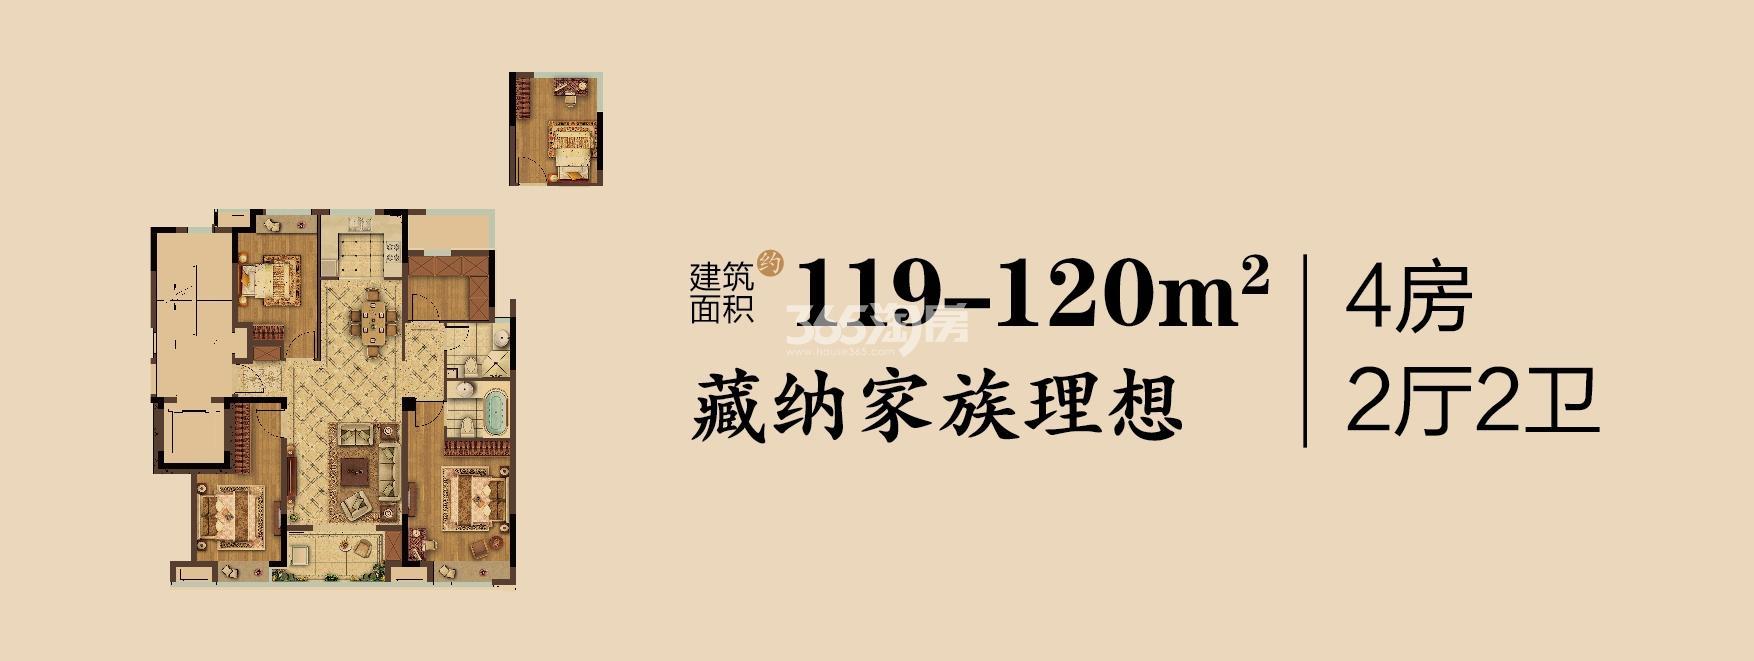 融创臻园119-120㎡户型图